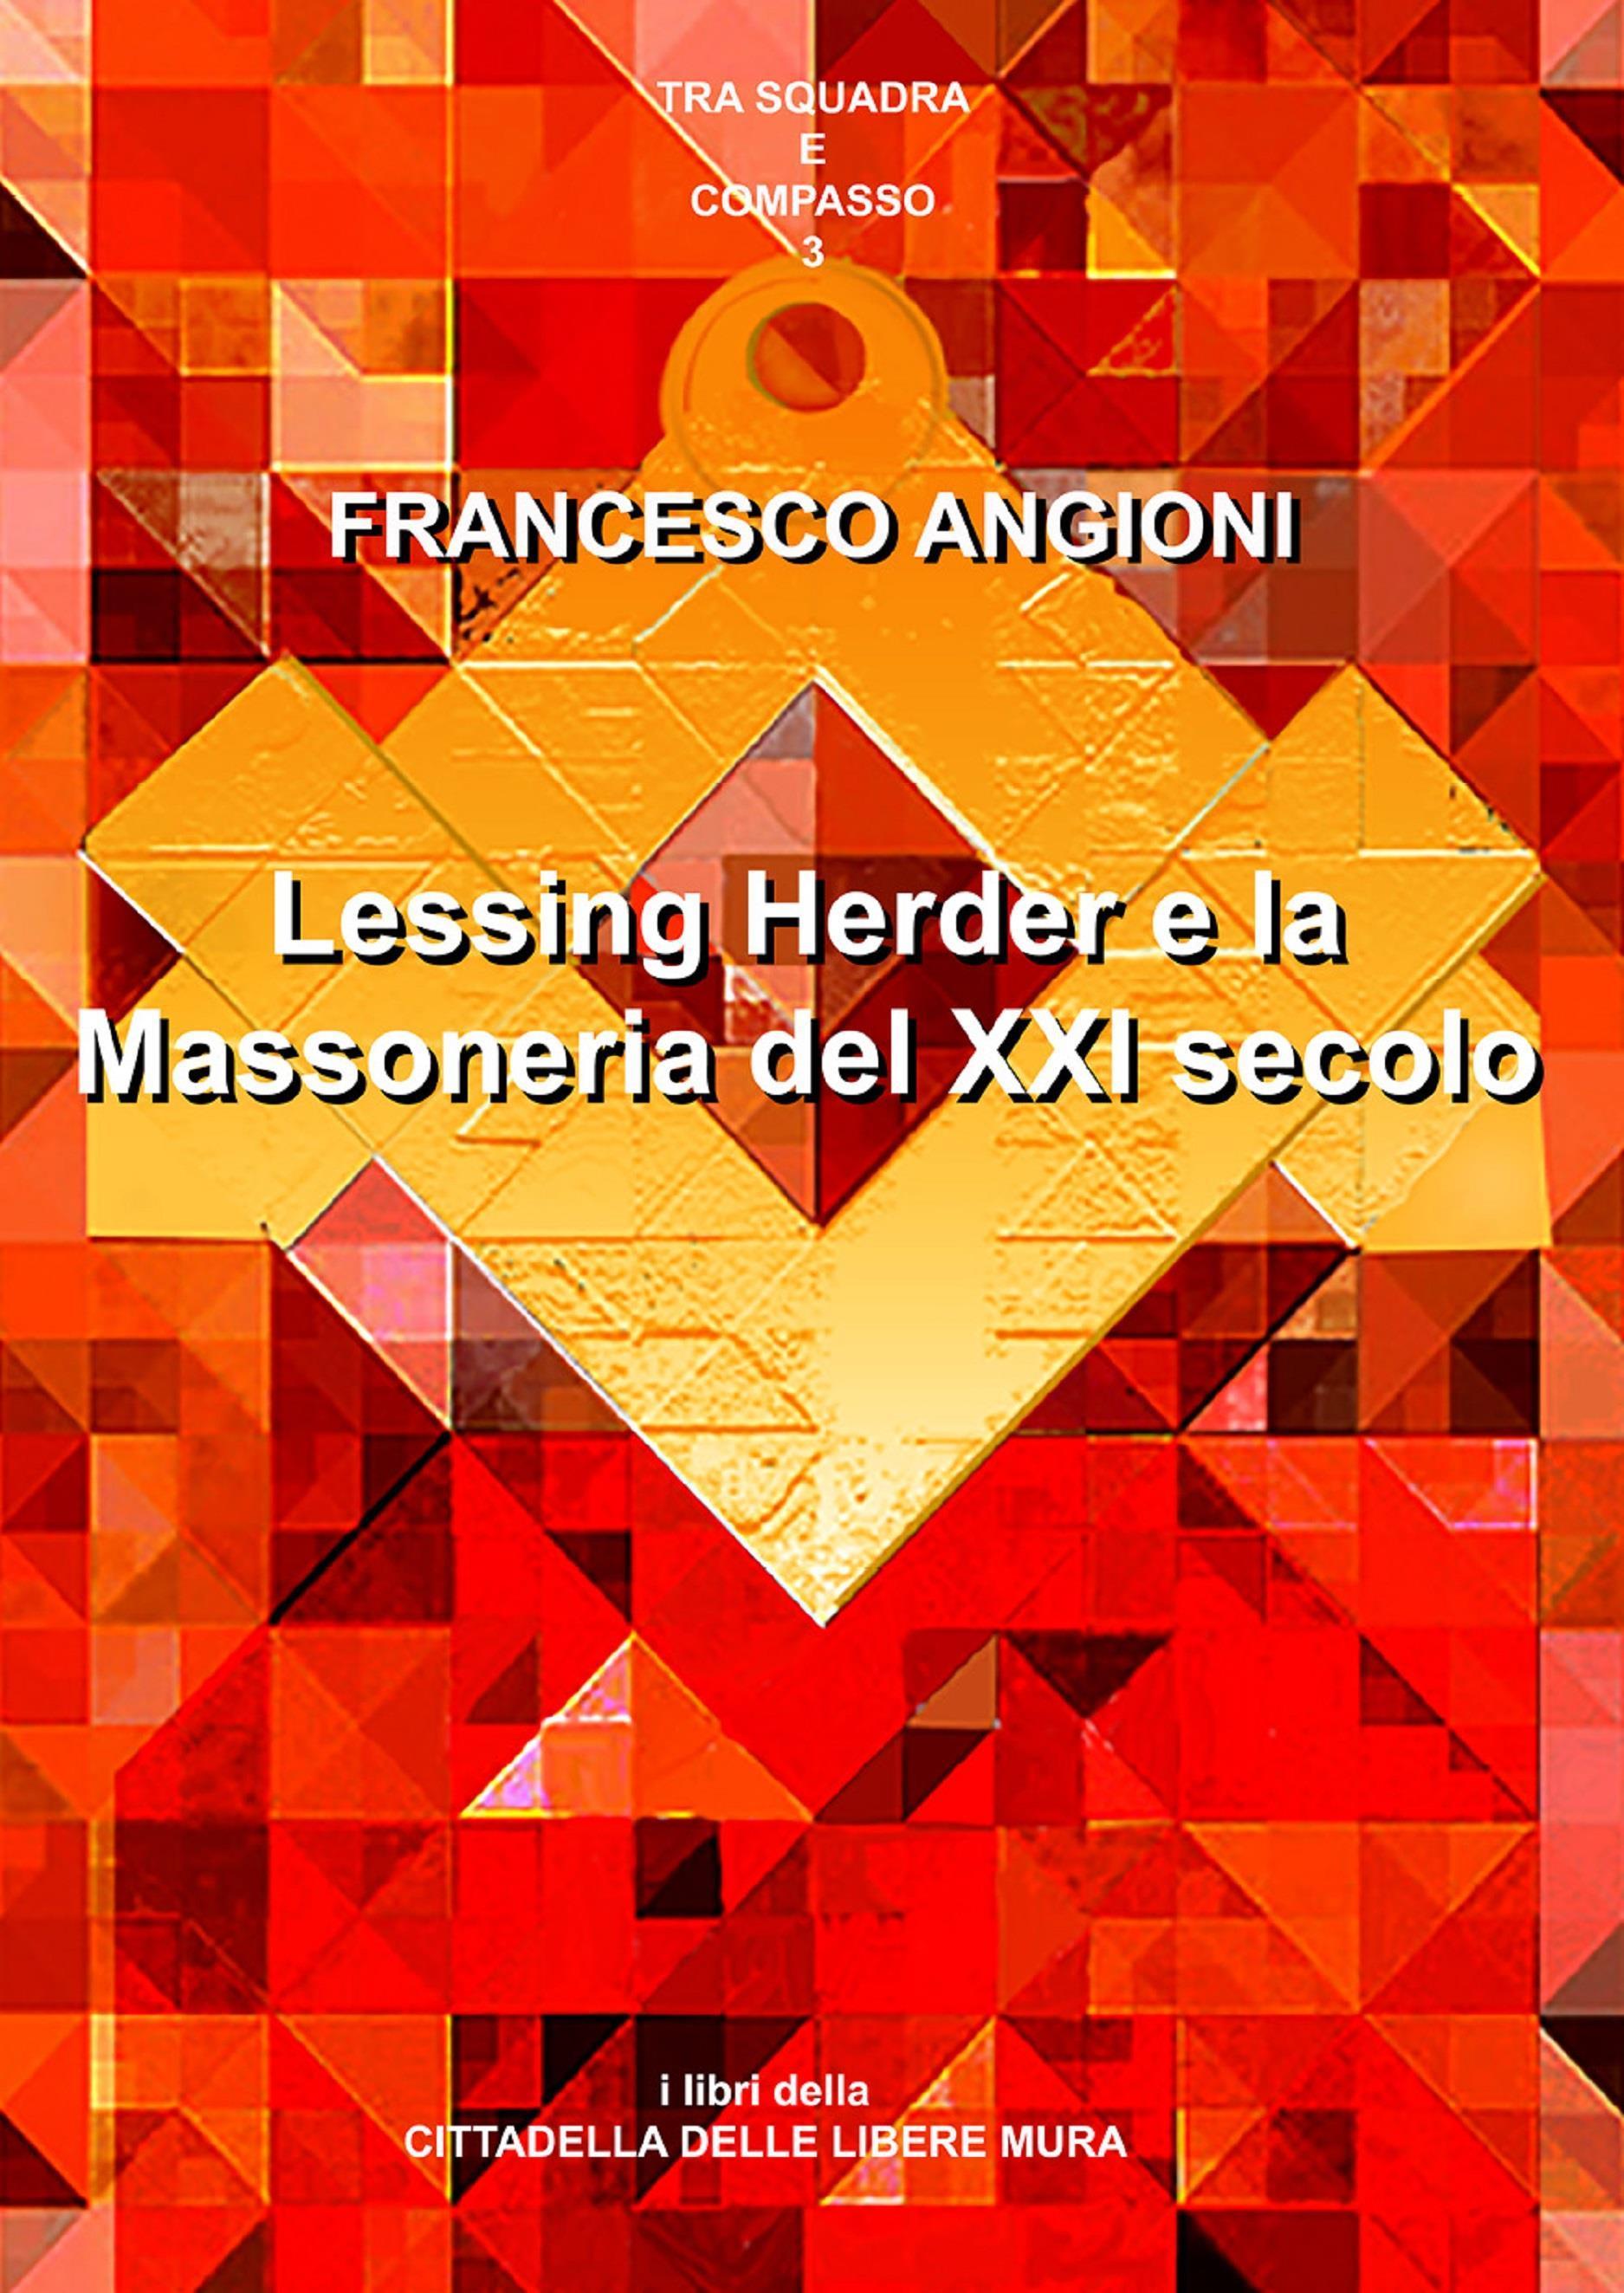 Lessing, Herder e la massoneria del XXI secolo